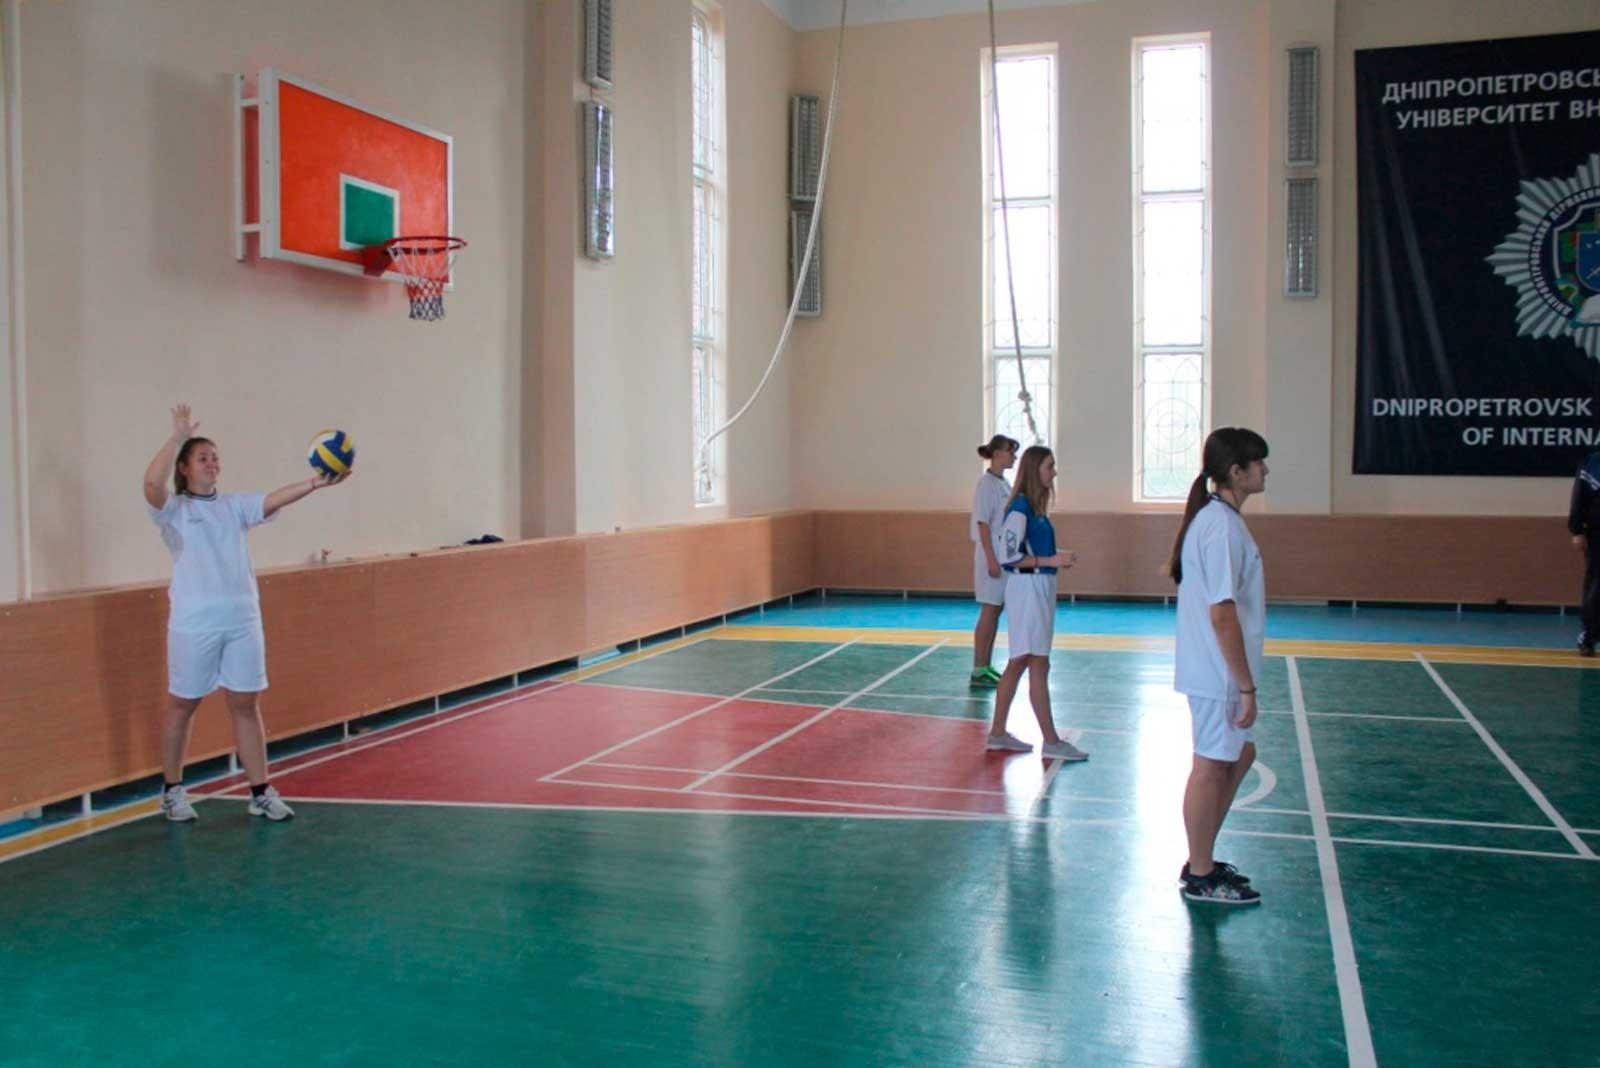 Першість юридичного факультету ДДУВС з волейболу (2016 рік)